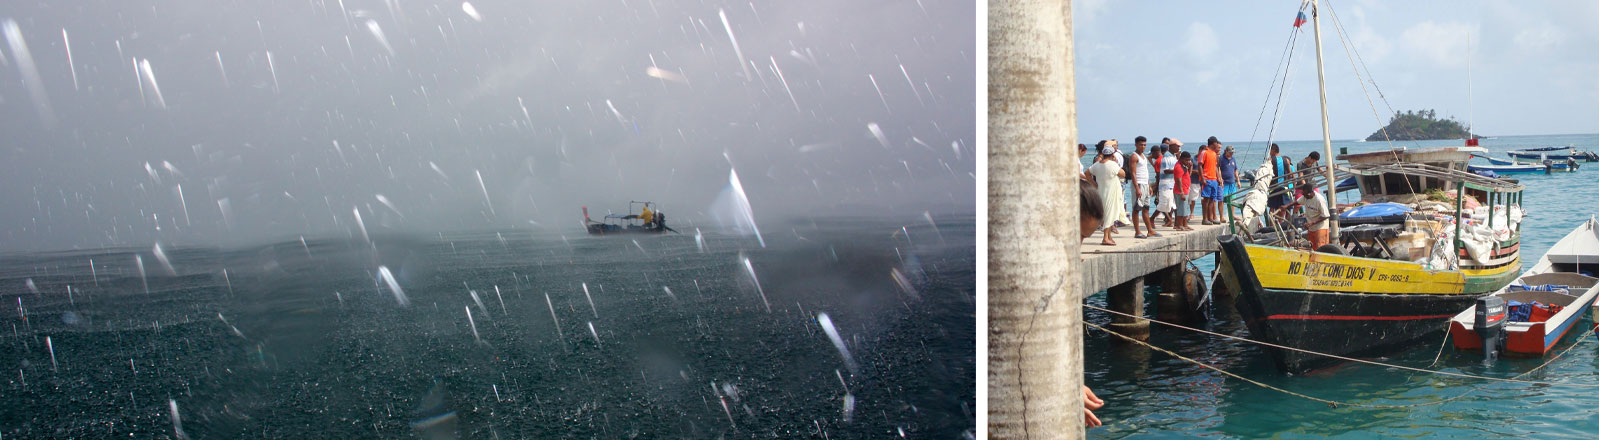 Unwetter auf See